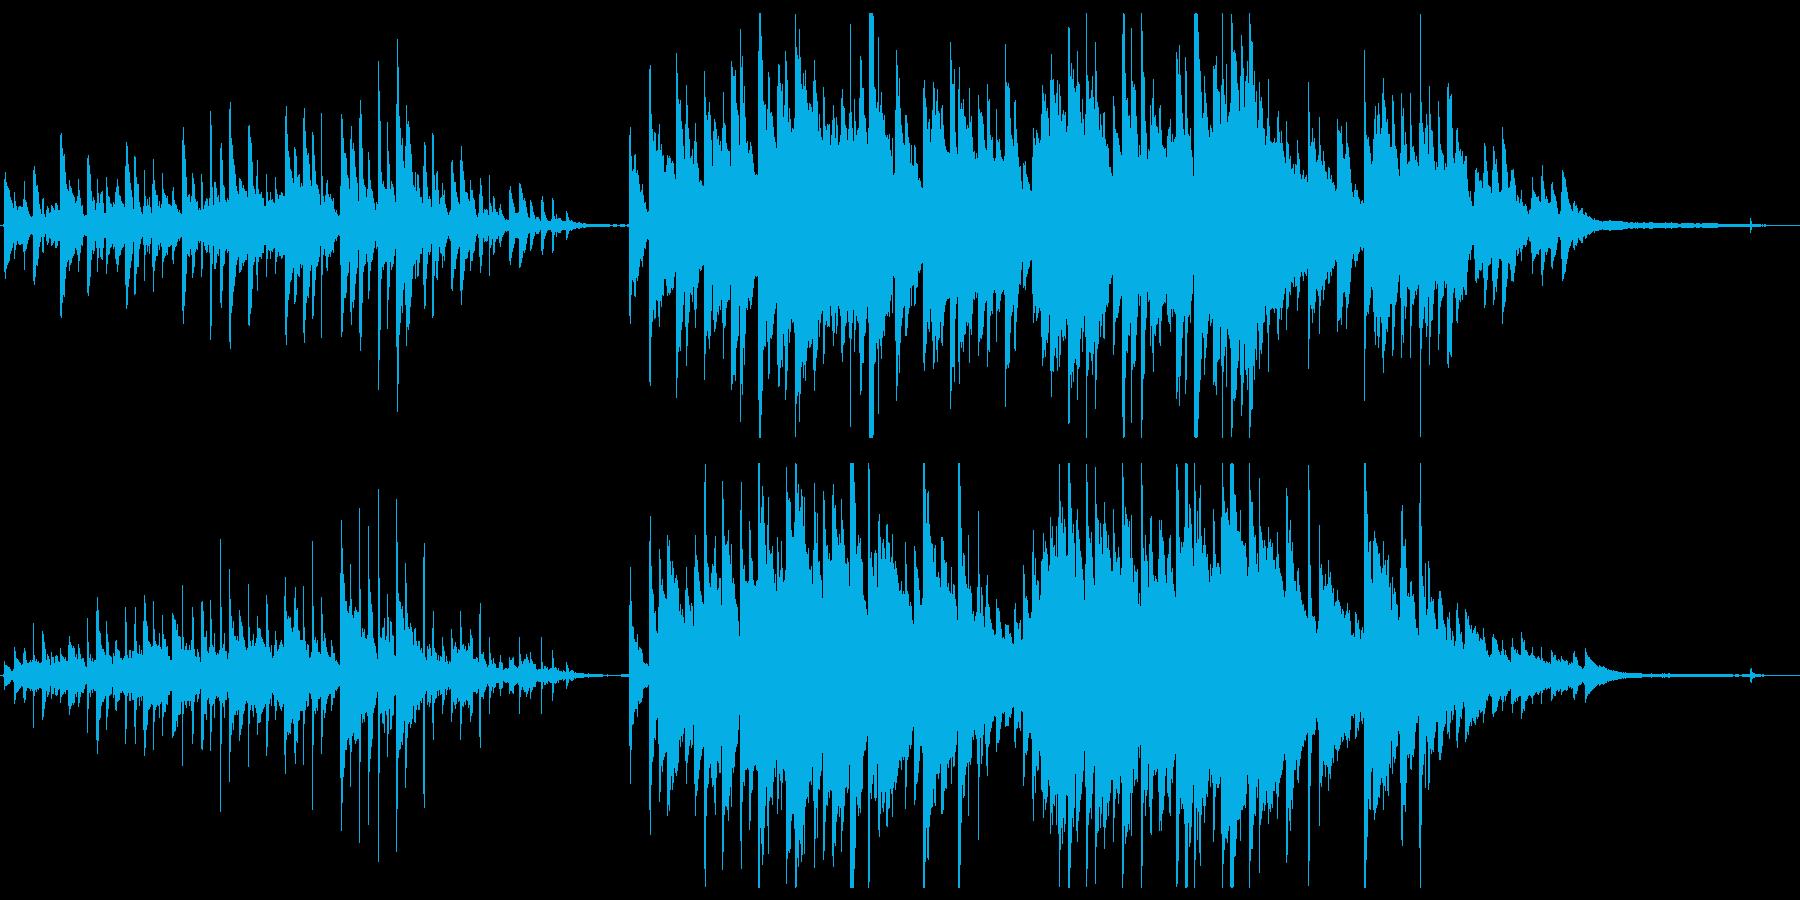 【ピアノソロ】優しく感情的なピアノの再生済みの波形